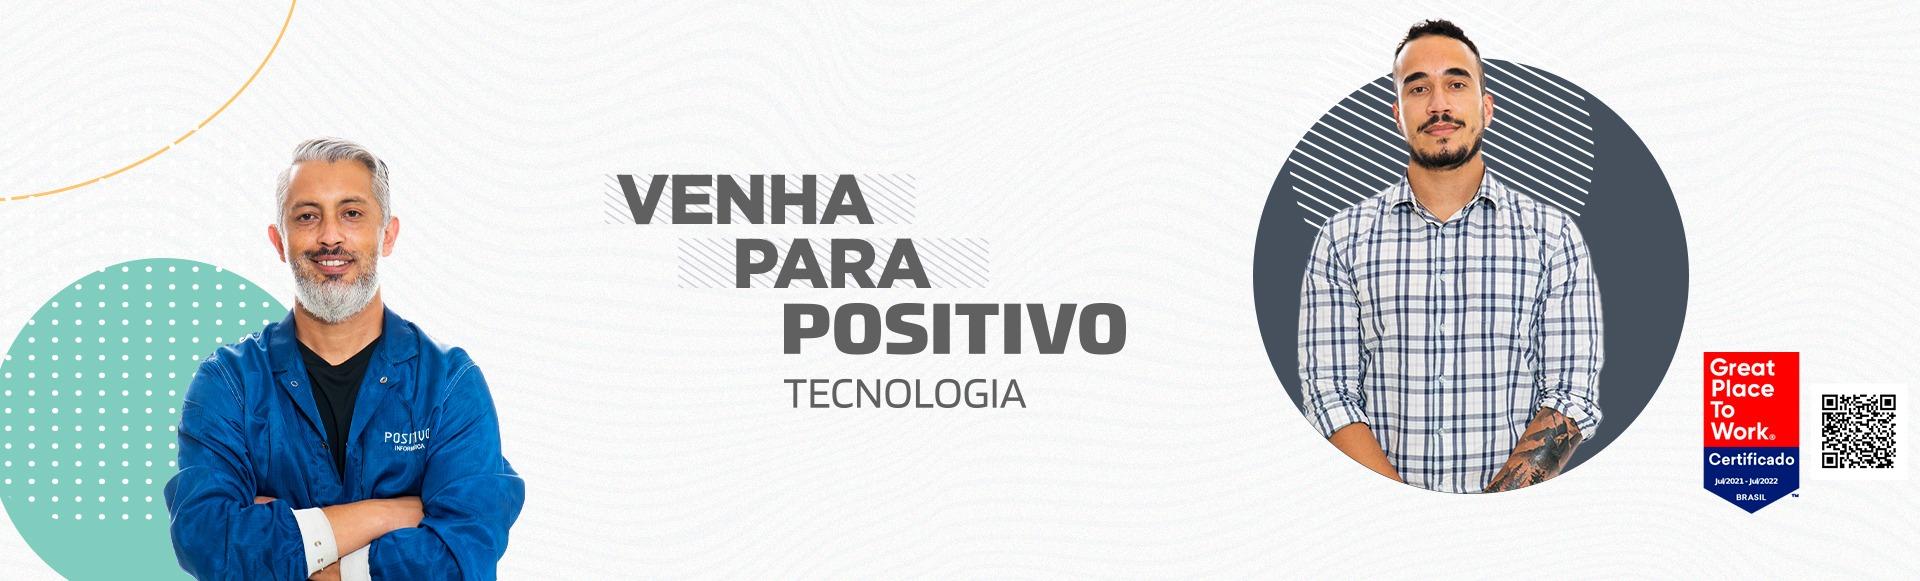 ESPECIALISTA EM PROCESSOS (VENDAS) - CURITIBA/PR